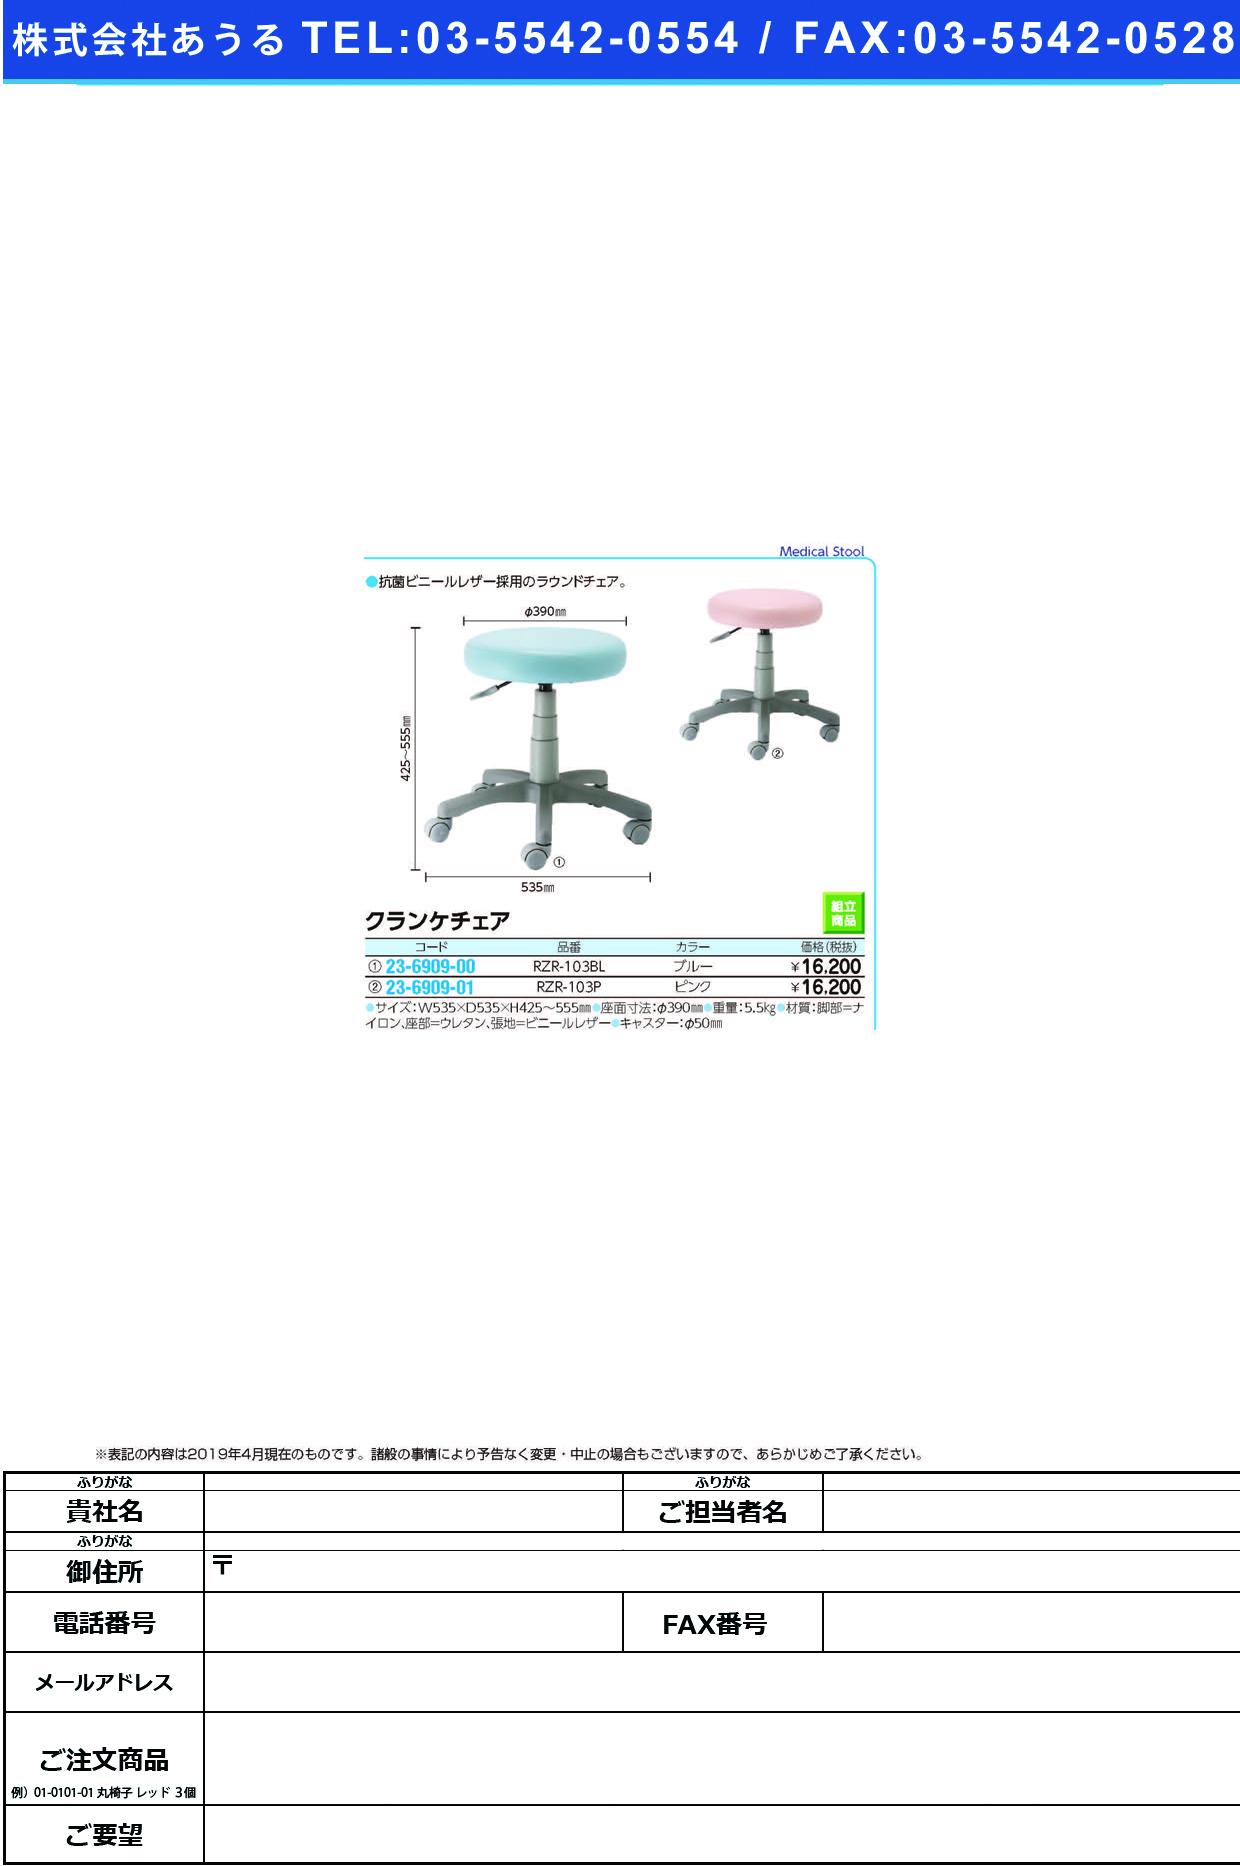 (23-6909-00)クランケチェア RZR-103BL(ブルー) クランケチェア(ナカバヤシ)【1台単位】【2019年カタログ商品】